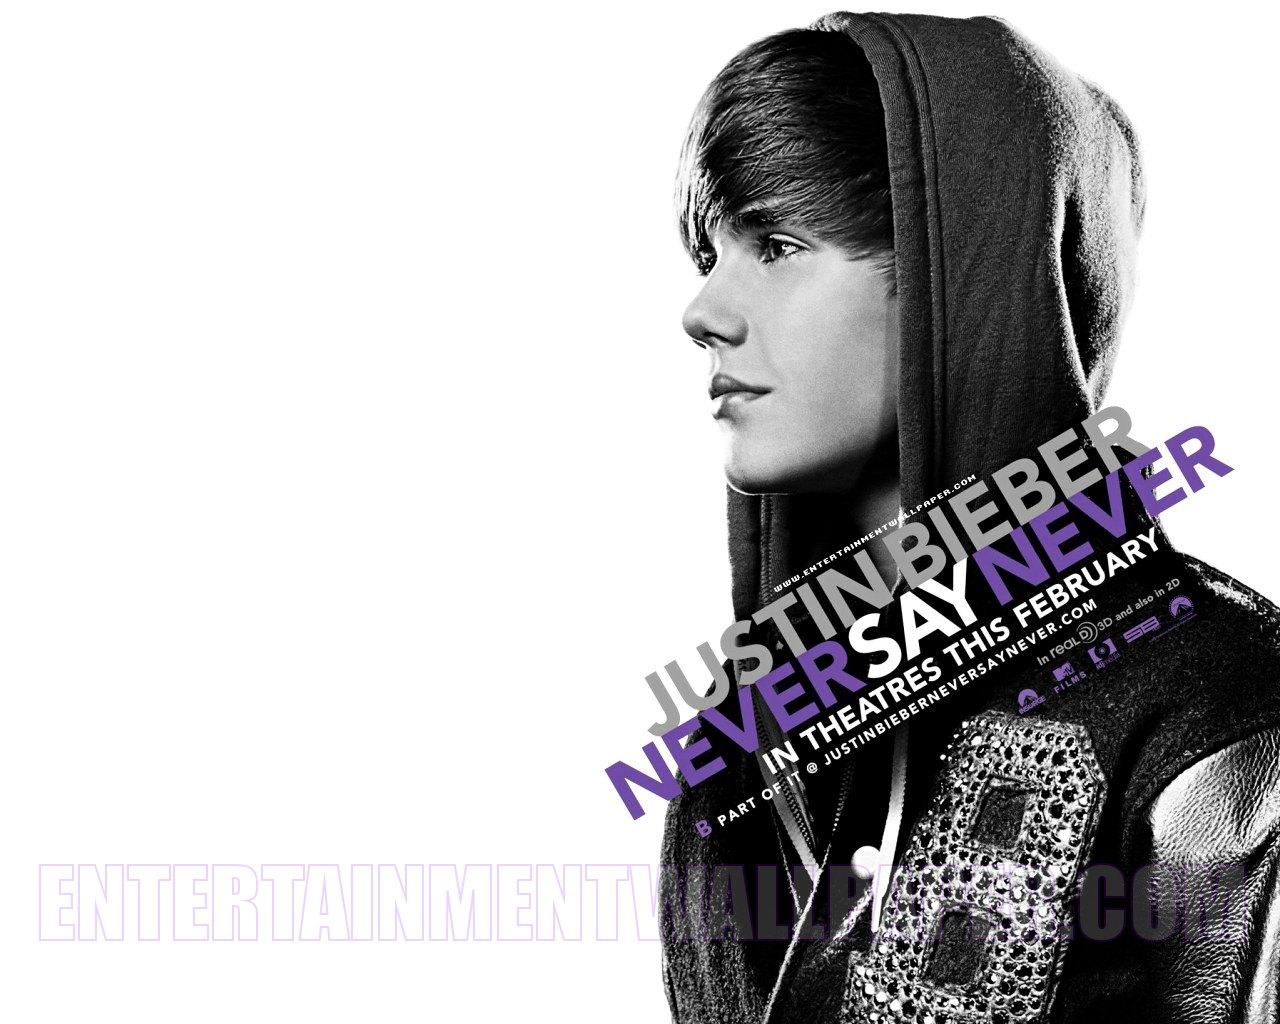 Justin bieber kuk